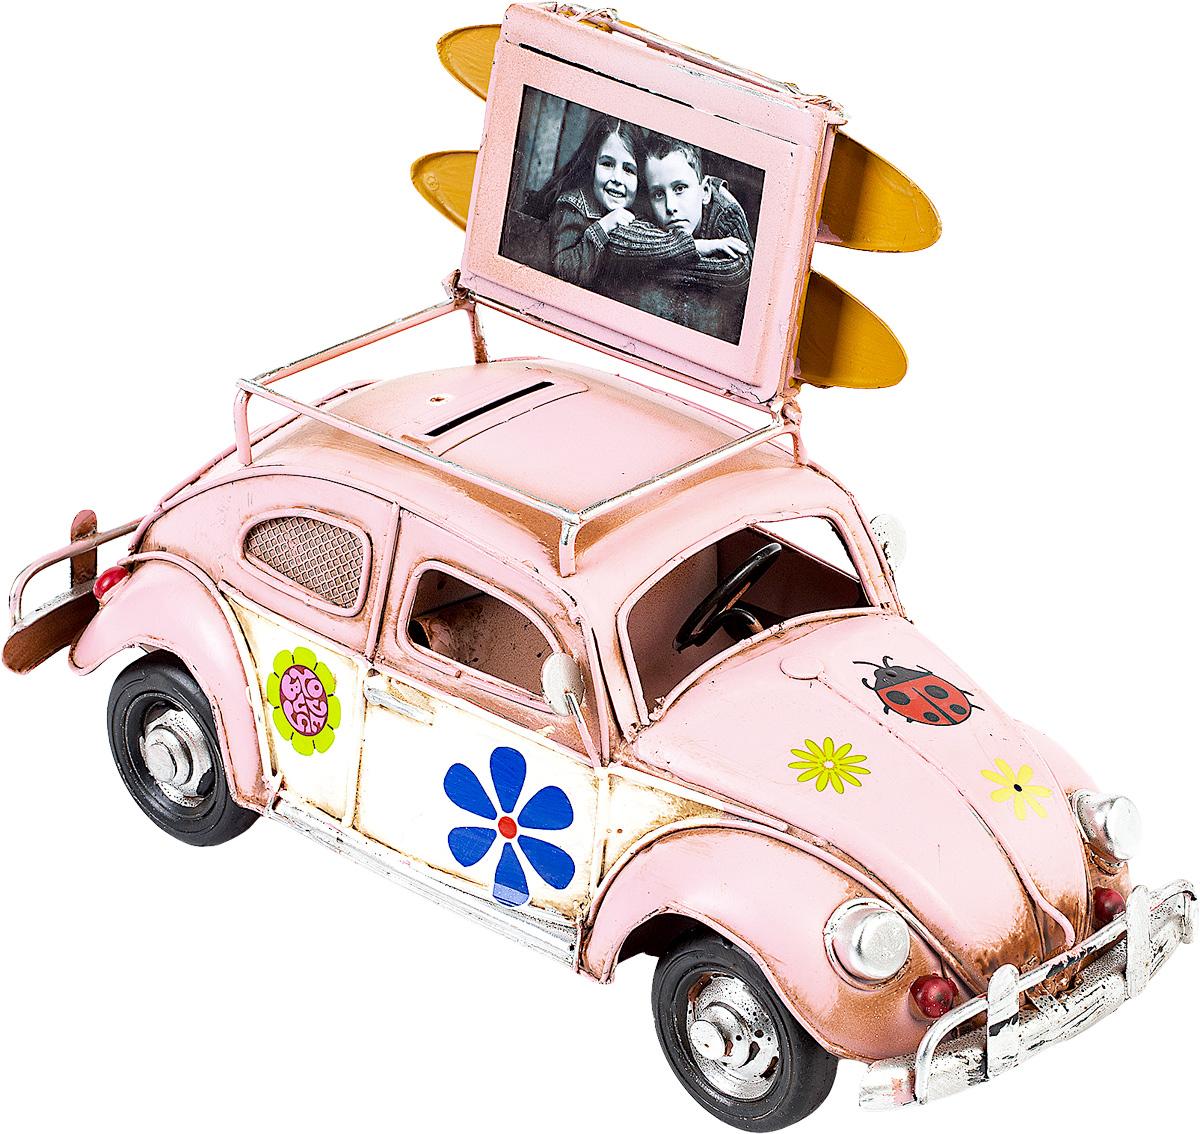 Модель Platinum Автомобиль, с фоторамкой и копилкой. 1404E-4338a030073Модель Platinum Автомобиль, выполненная из металла, станет оригинальным украшением интерьера. Вы можете поставить модель ретро-автомобиля в любом месте, где она будет удачно смотреться.Изделие дополнено копилкой и фоторамкой, куда вы можете вставить вашу любимую фотографию.Качество исполнения, точные детали и оригинальный дизайн выделяют эту модель среди ряда подобных. Модель займет достойное место в вашей коллекции, а также приятно удивит получателя в качестве стильного сувенира.